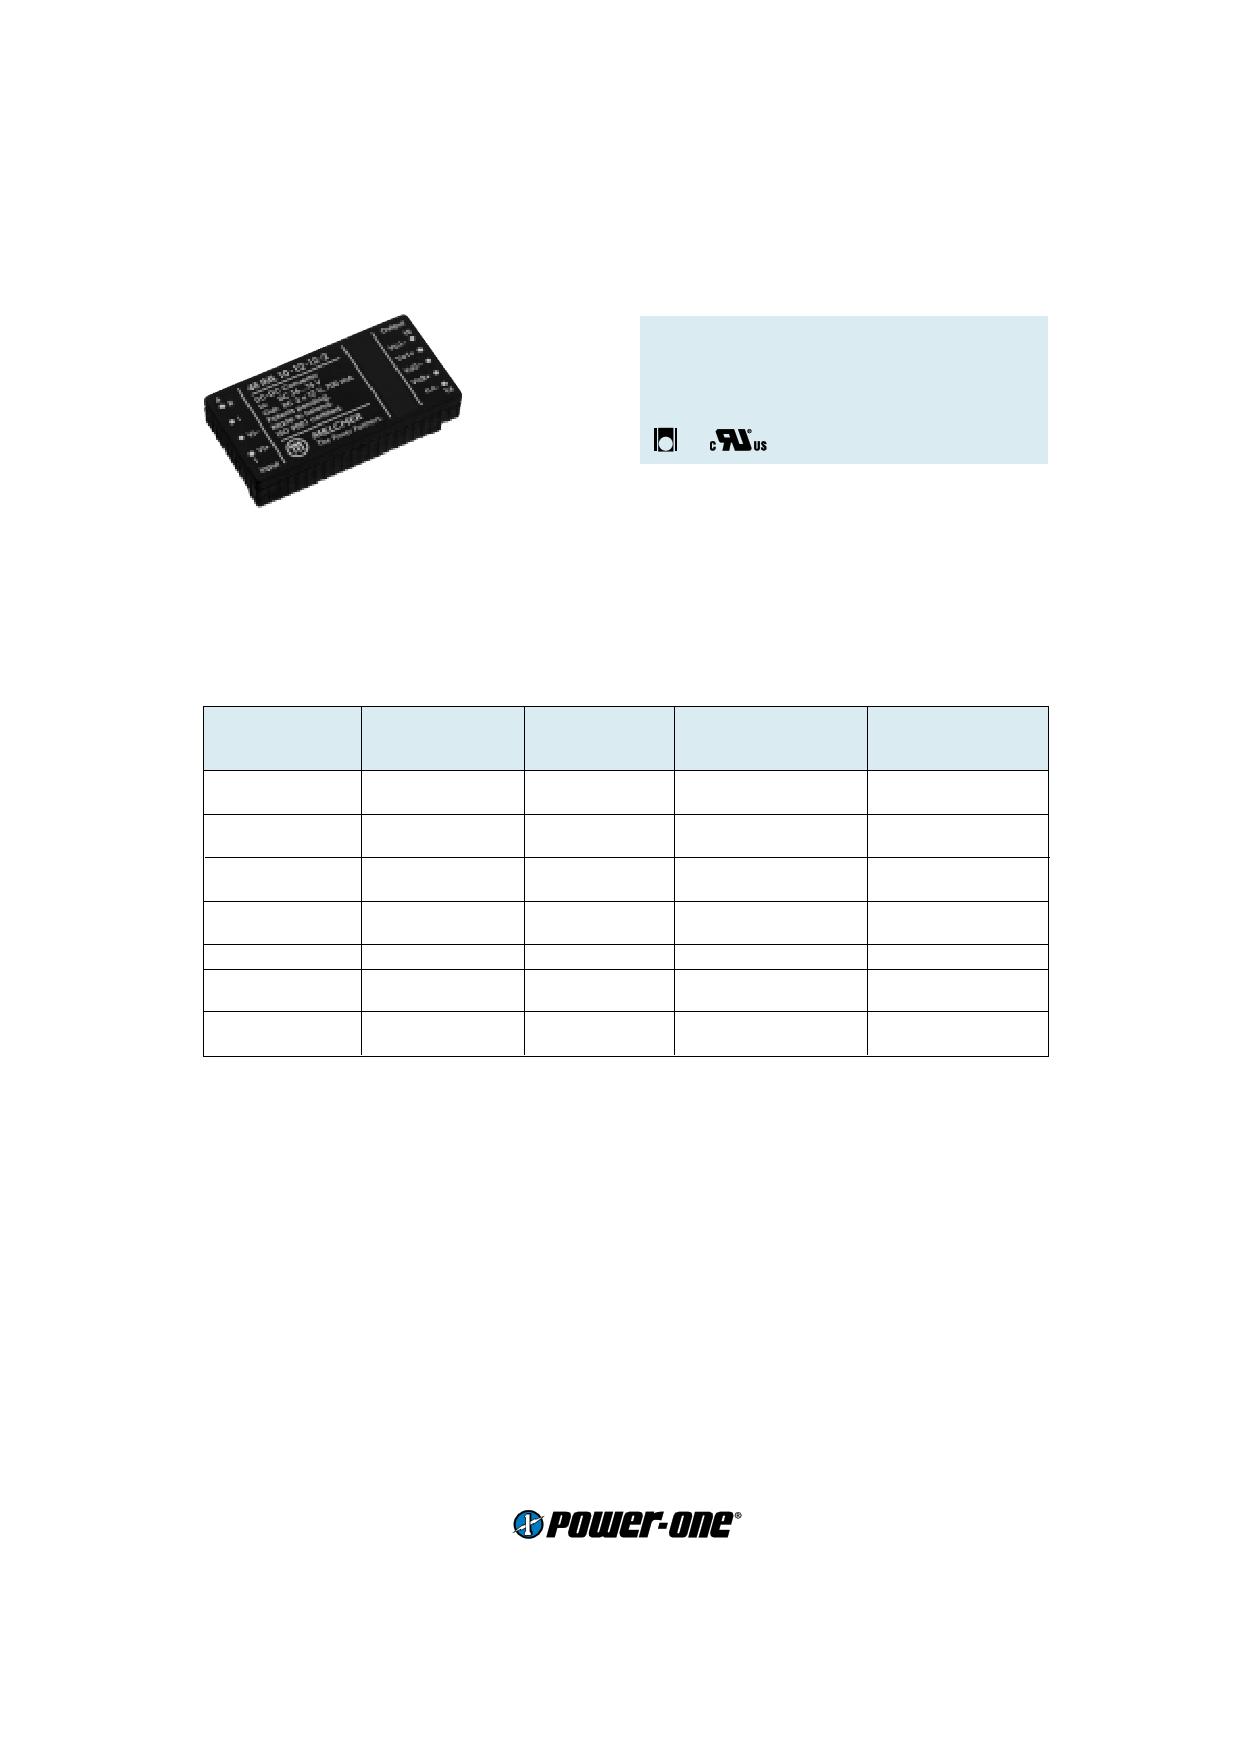 24IML10-05-3 datasheet